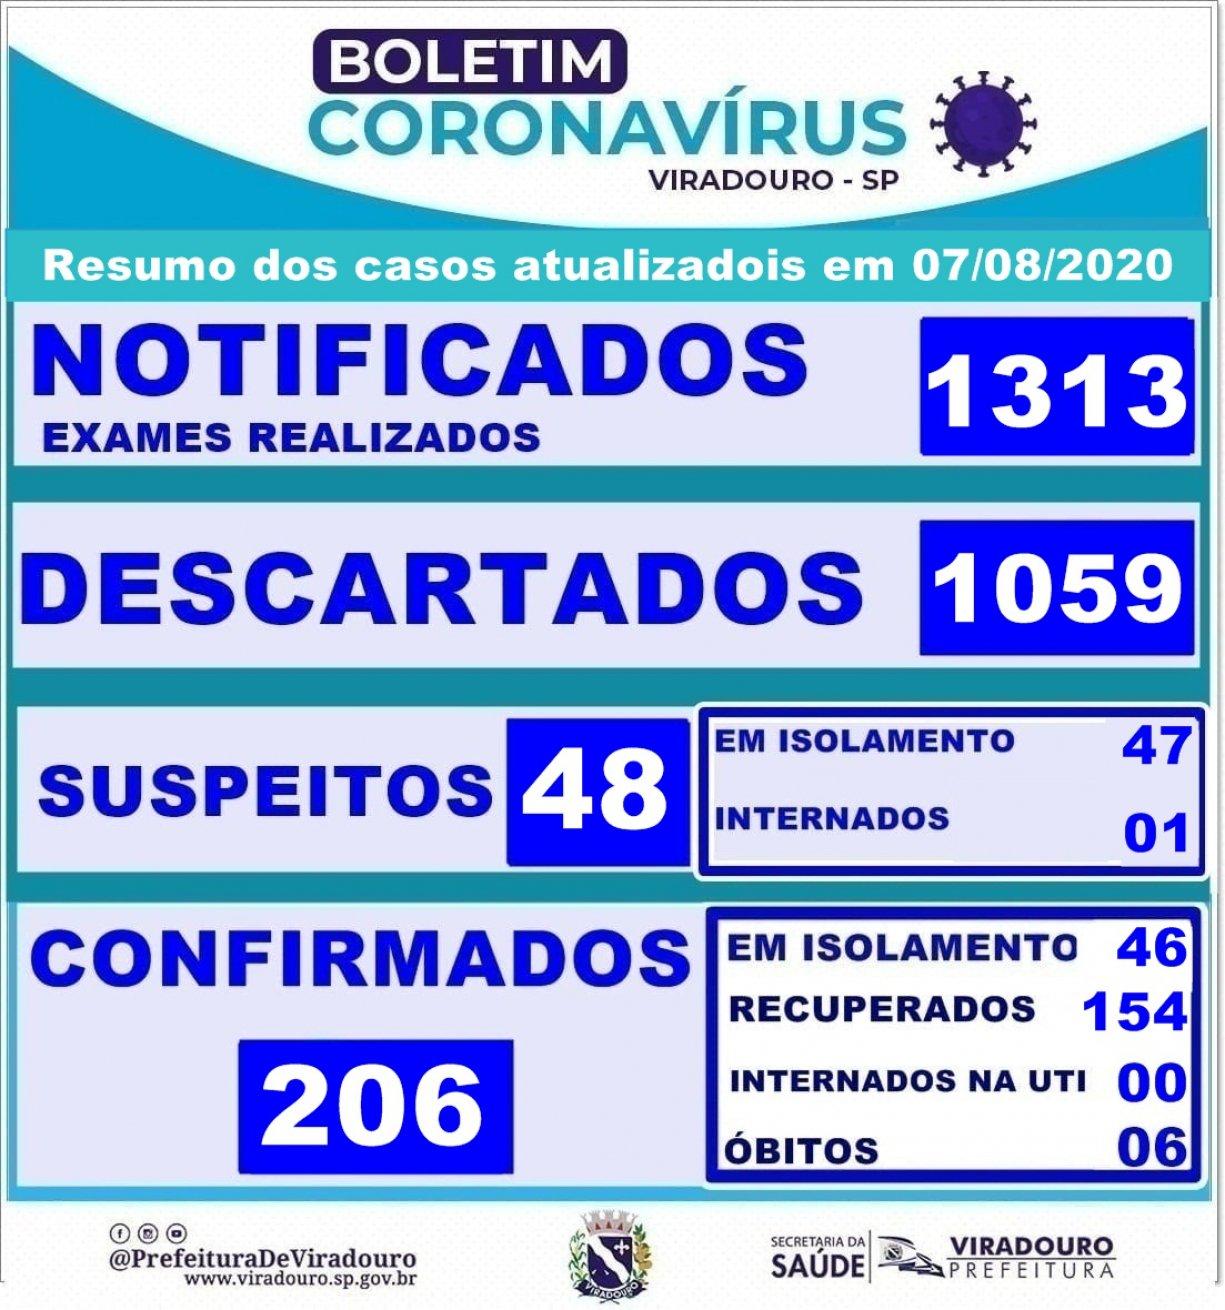 Boletim Epidemiológico Viradouro (Atualização 07/08/2020)